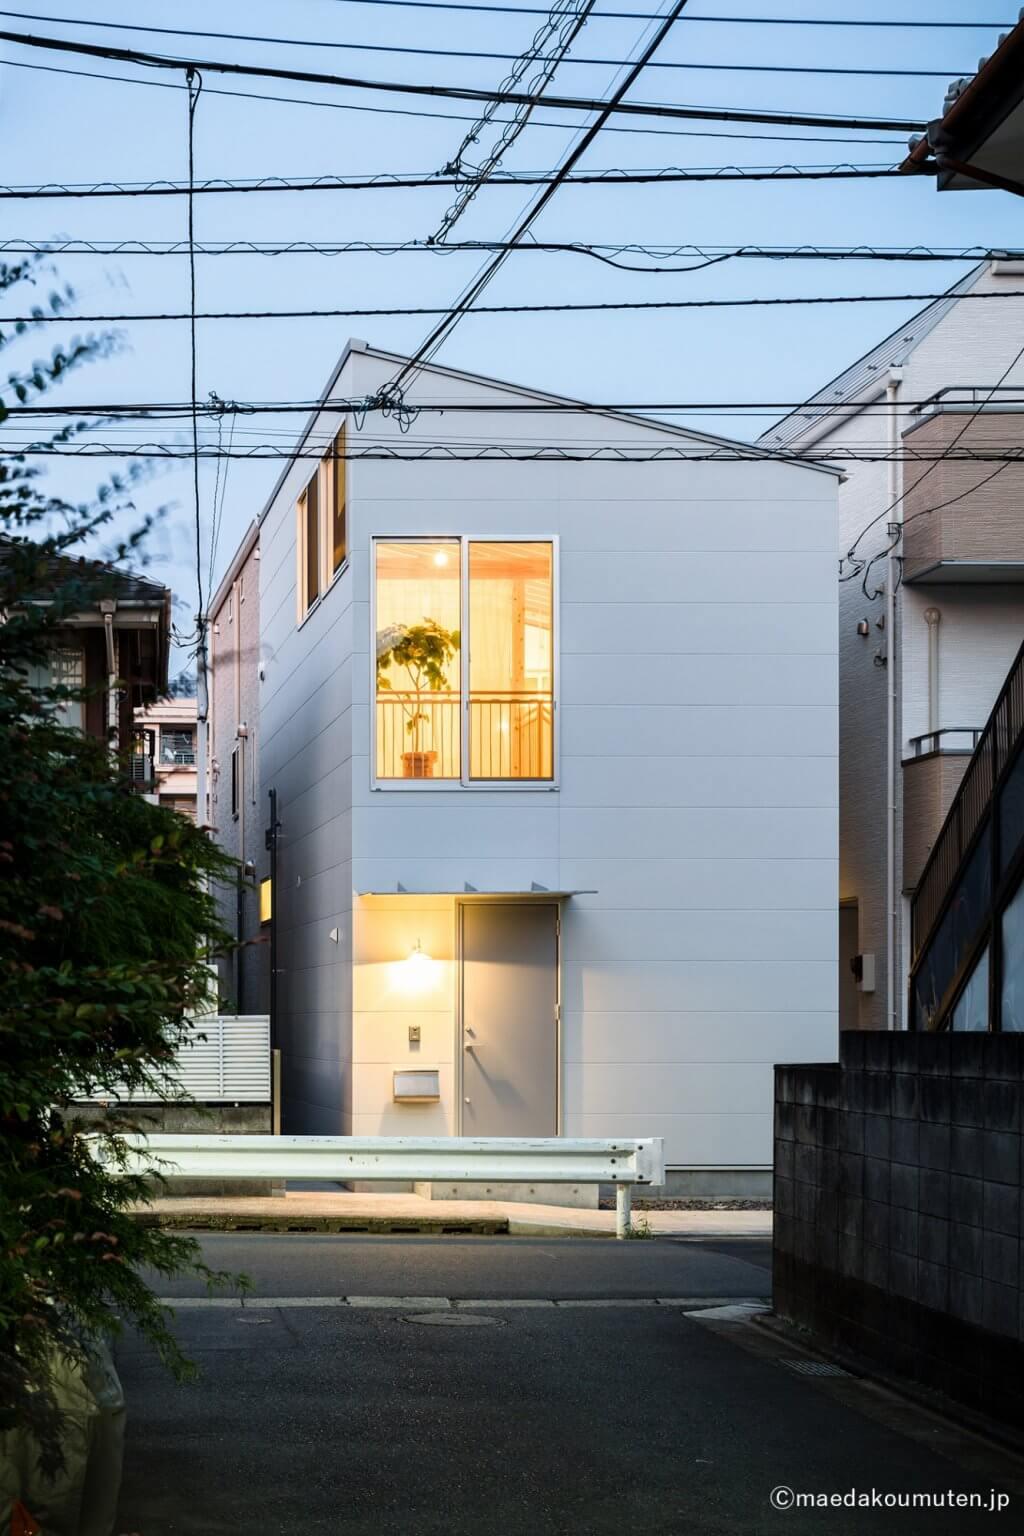 神奈川、工務店、注文住宅、デザイン住宅、建築家、今井西町の家、37